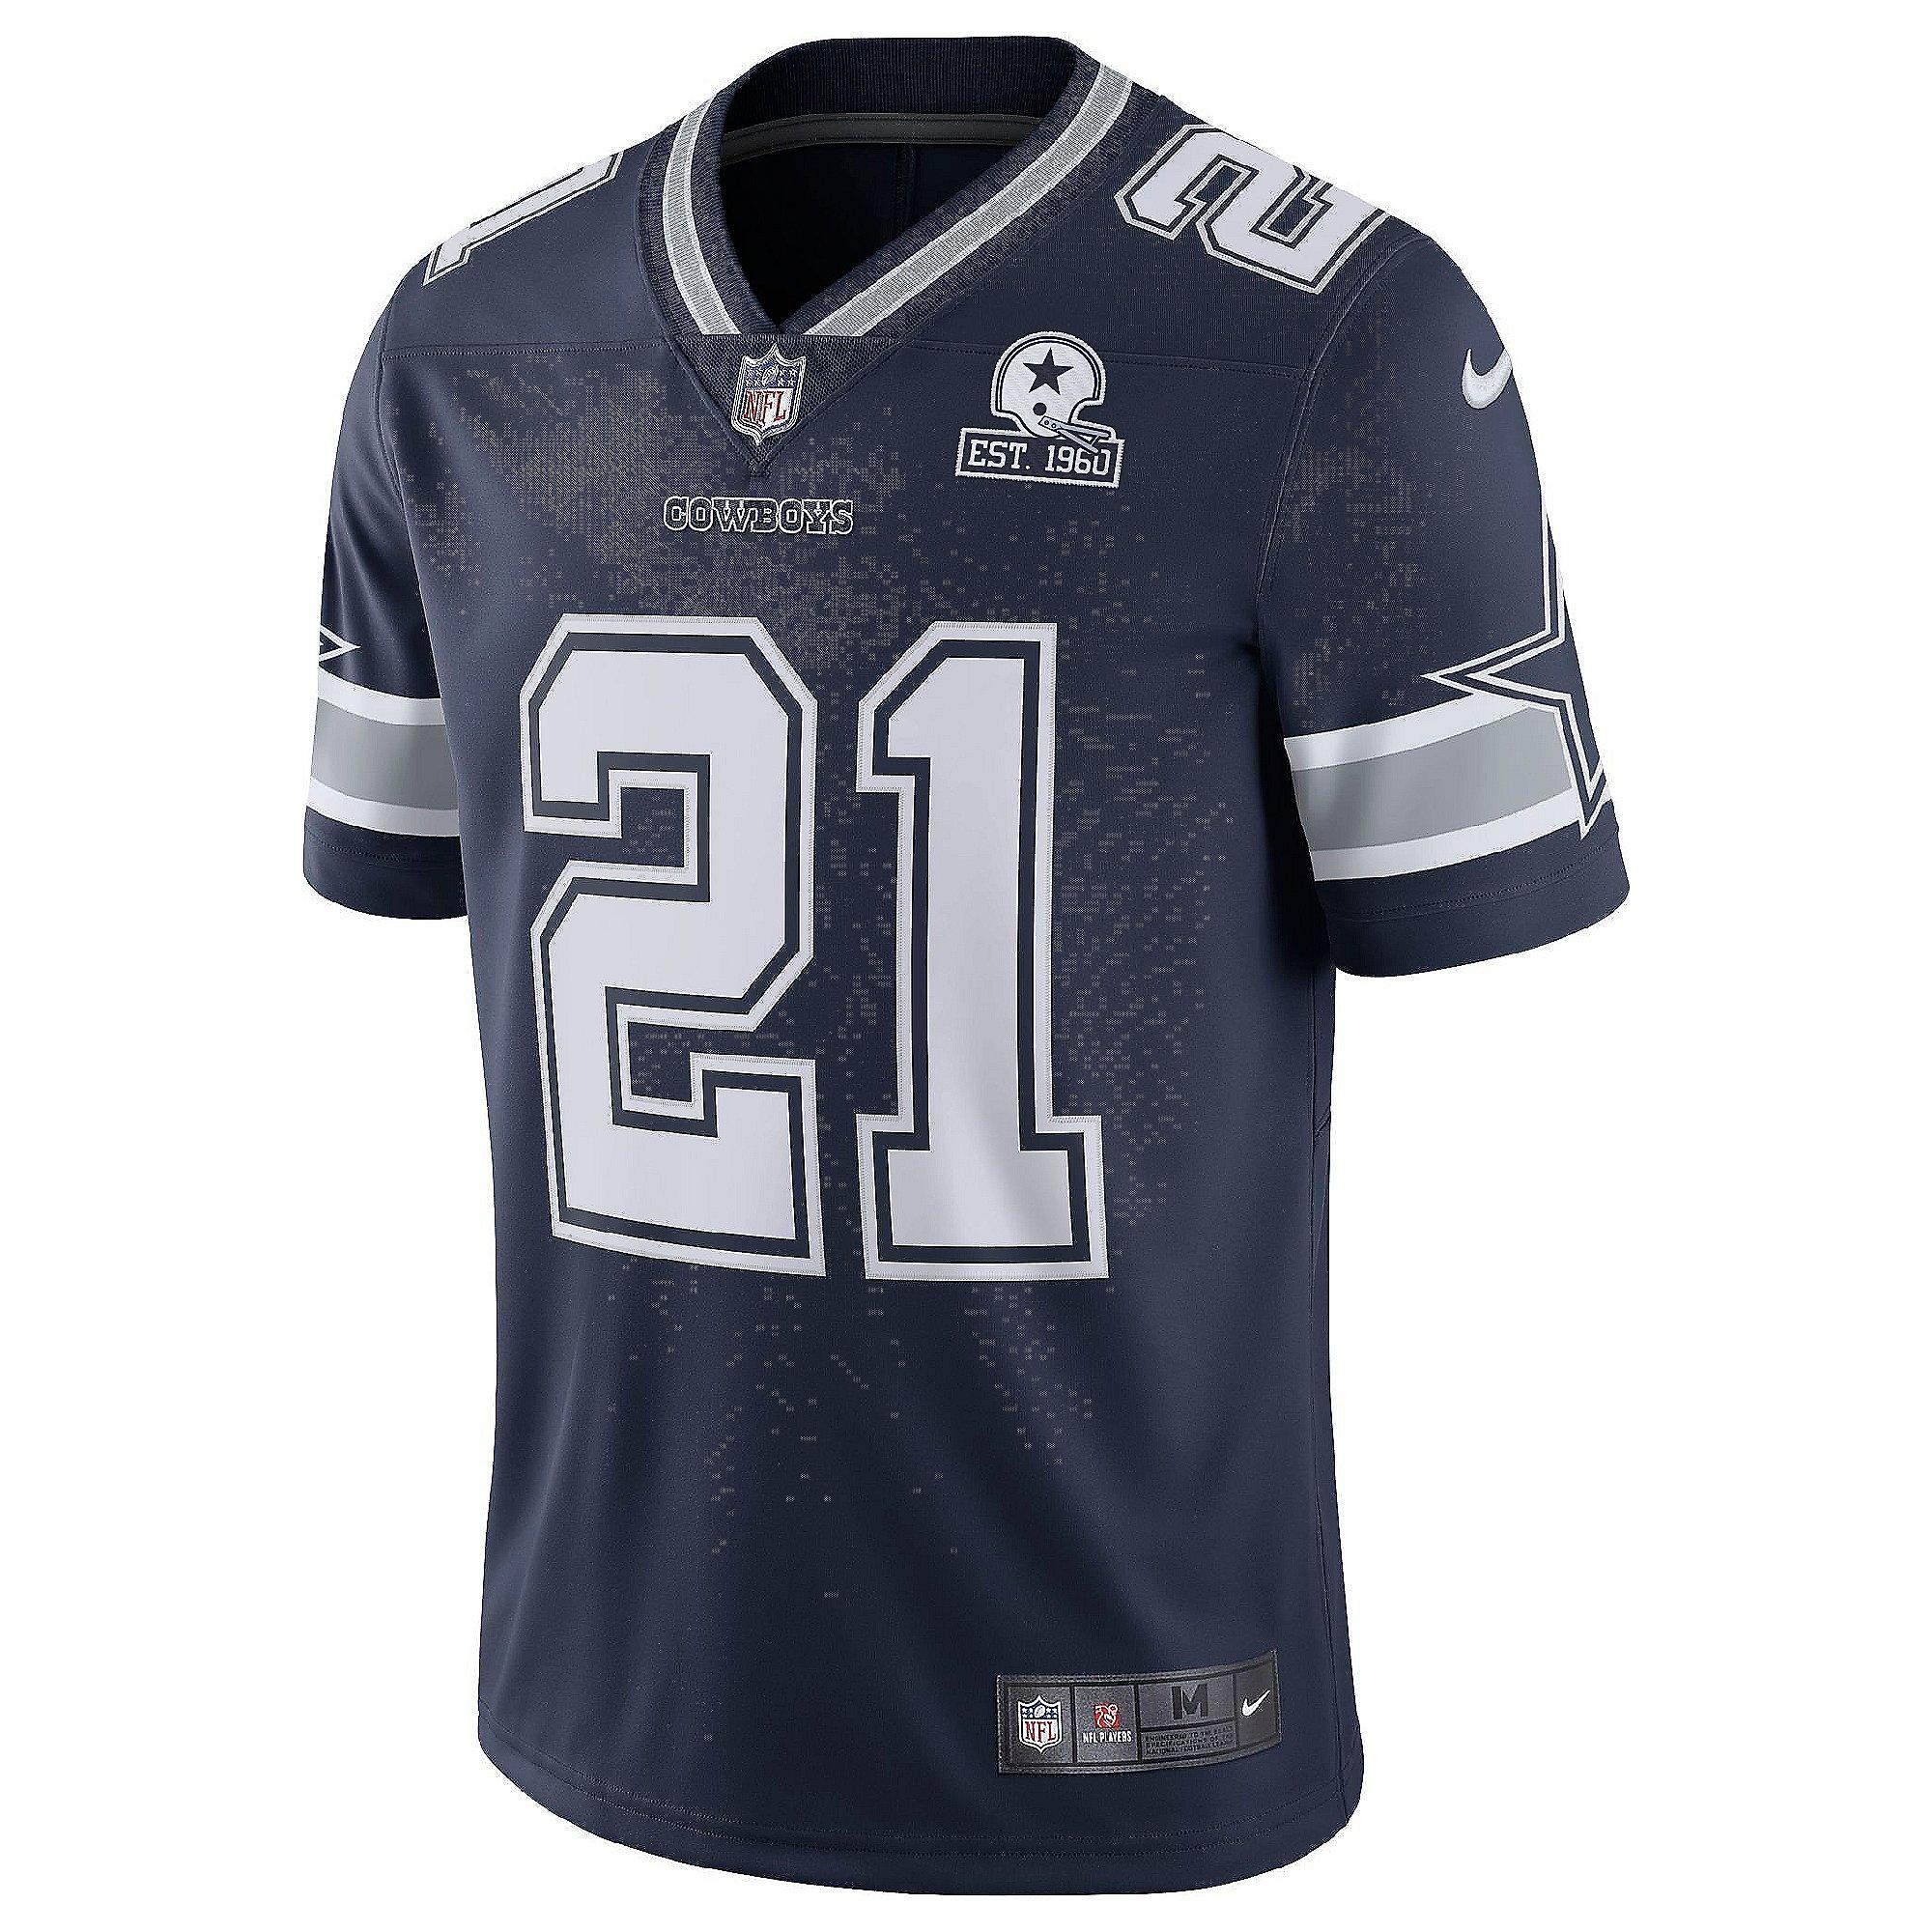 Dallas Cowboys Ezekiel Elliott #21 Nike 1960 Navy Vapor Limited ...